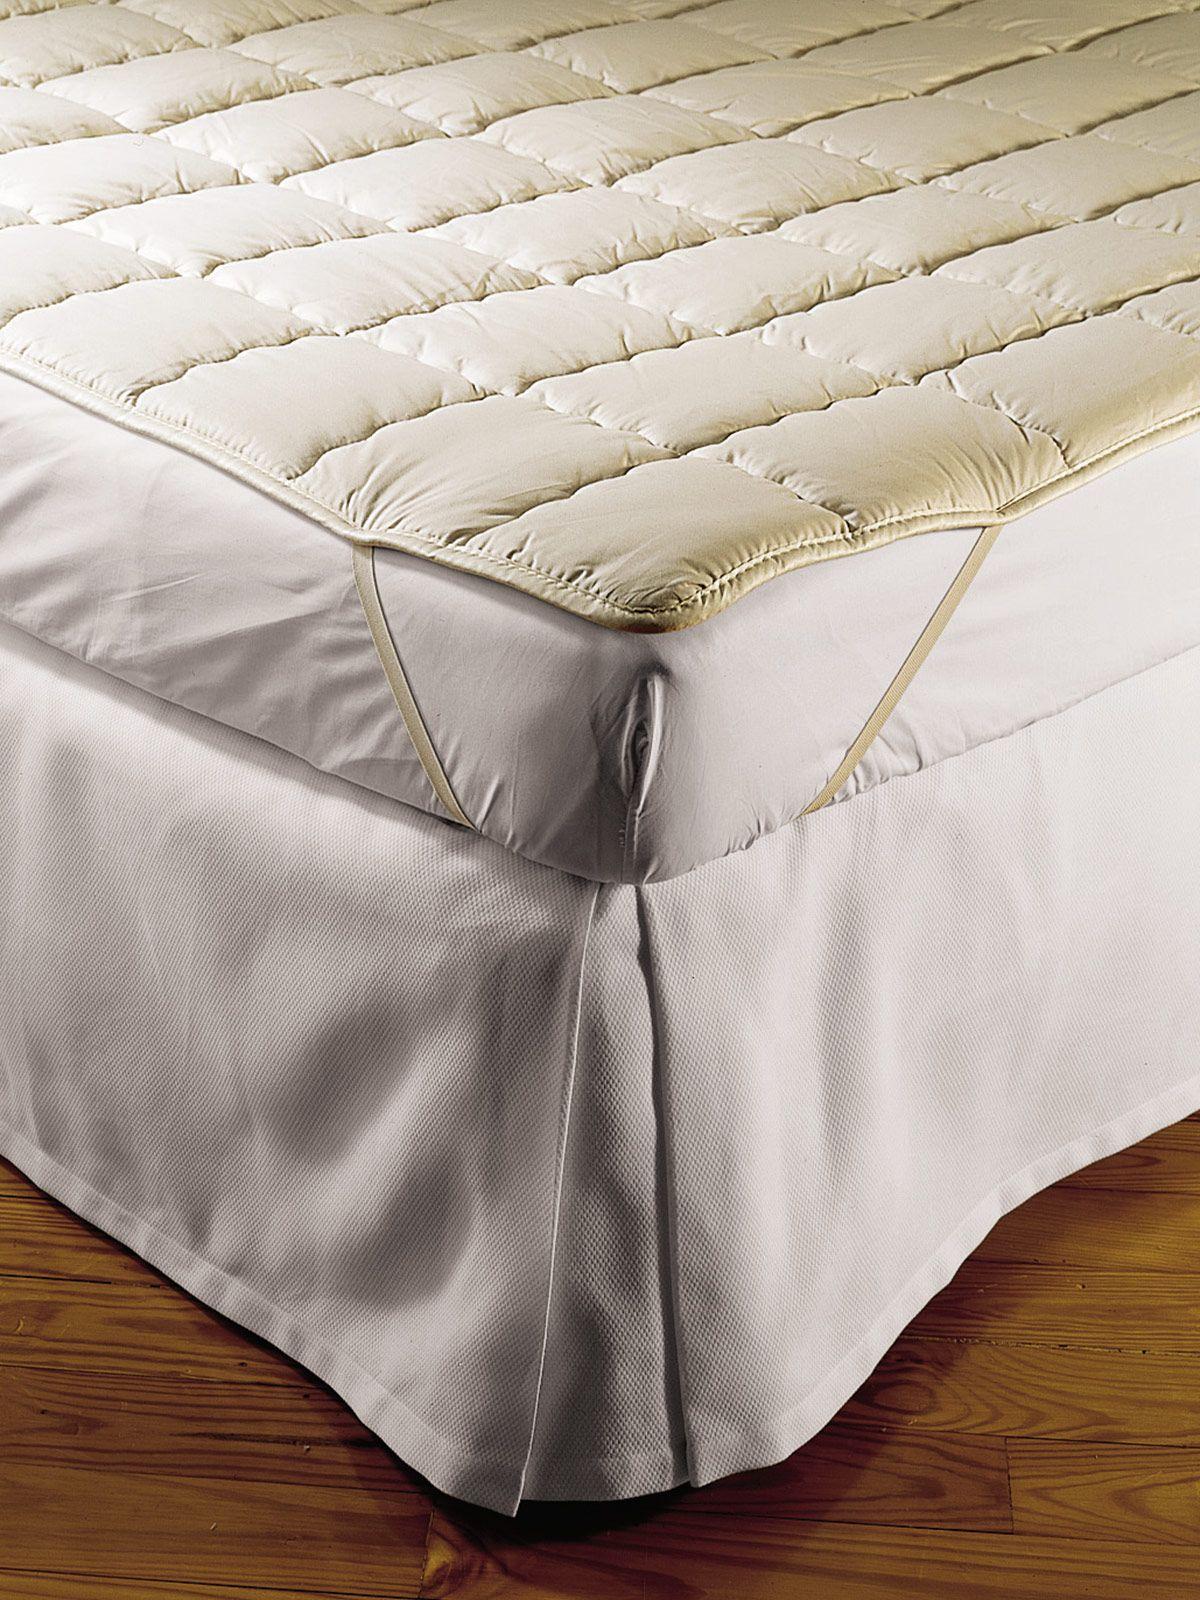 Silk Mattress Pads Luxury Mattress Pads Luxury Bedding Italian Bed Linens Schweitzer Linen Bed Linens Luxury Luxury Bedding Luxury Mattresses